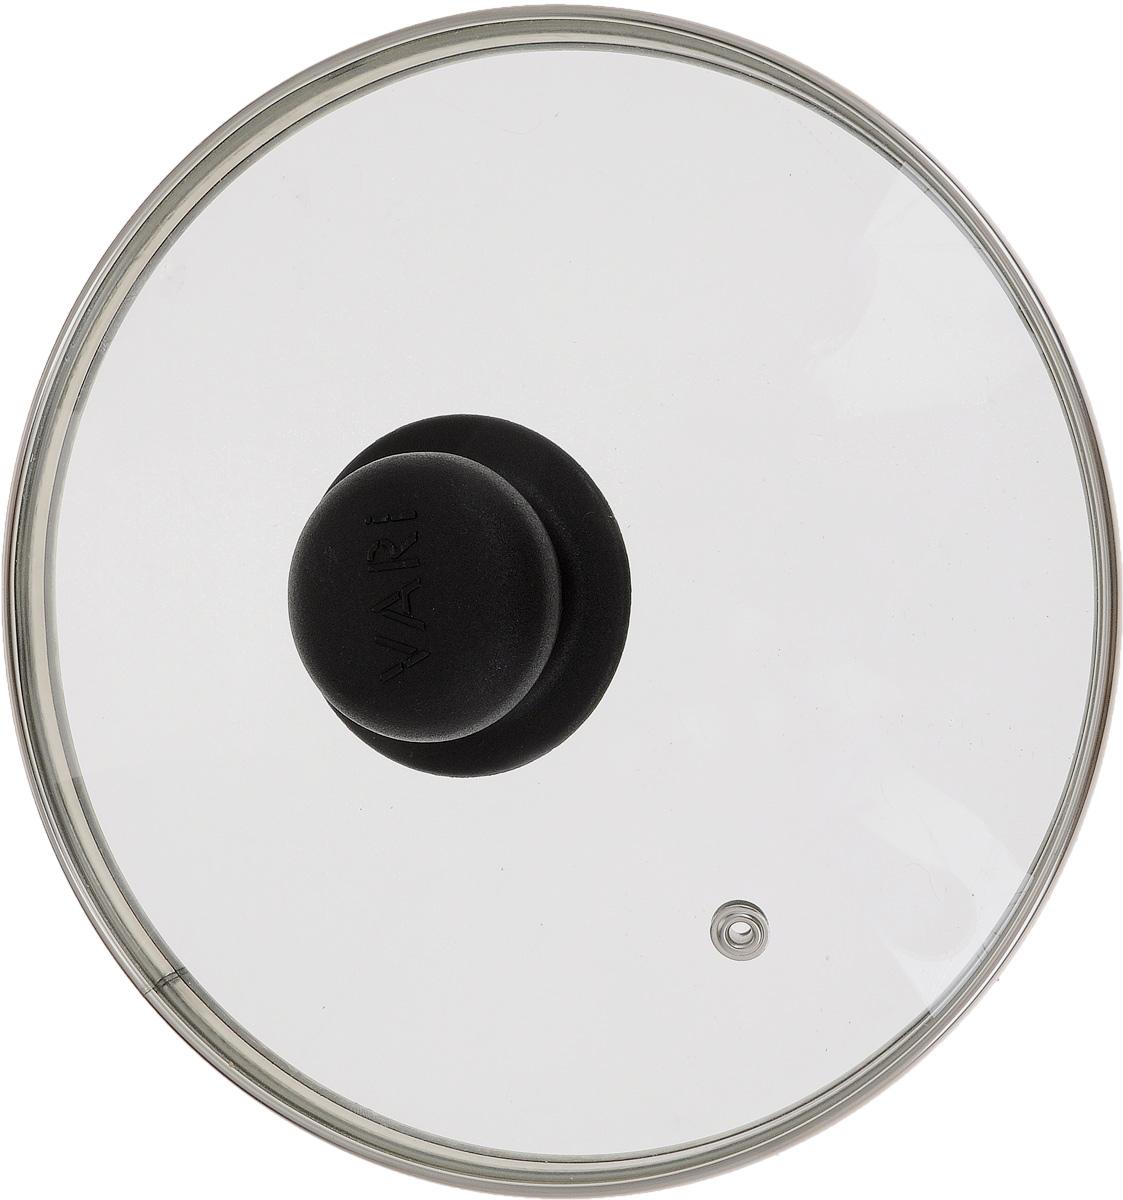 Крышка Vari, диаметр 20 см79200 УПКрышка Vari изготовлена из жаропрочного стекла с ободом из нержавеющей стали и пластиковой ручкой. Она оснащена отверстием для выпуска пара. Окантовка предохраняет от механических повреждений. Изделие удобно в использовании и позволяет контролировать процесс приготовления пищи.